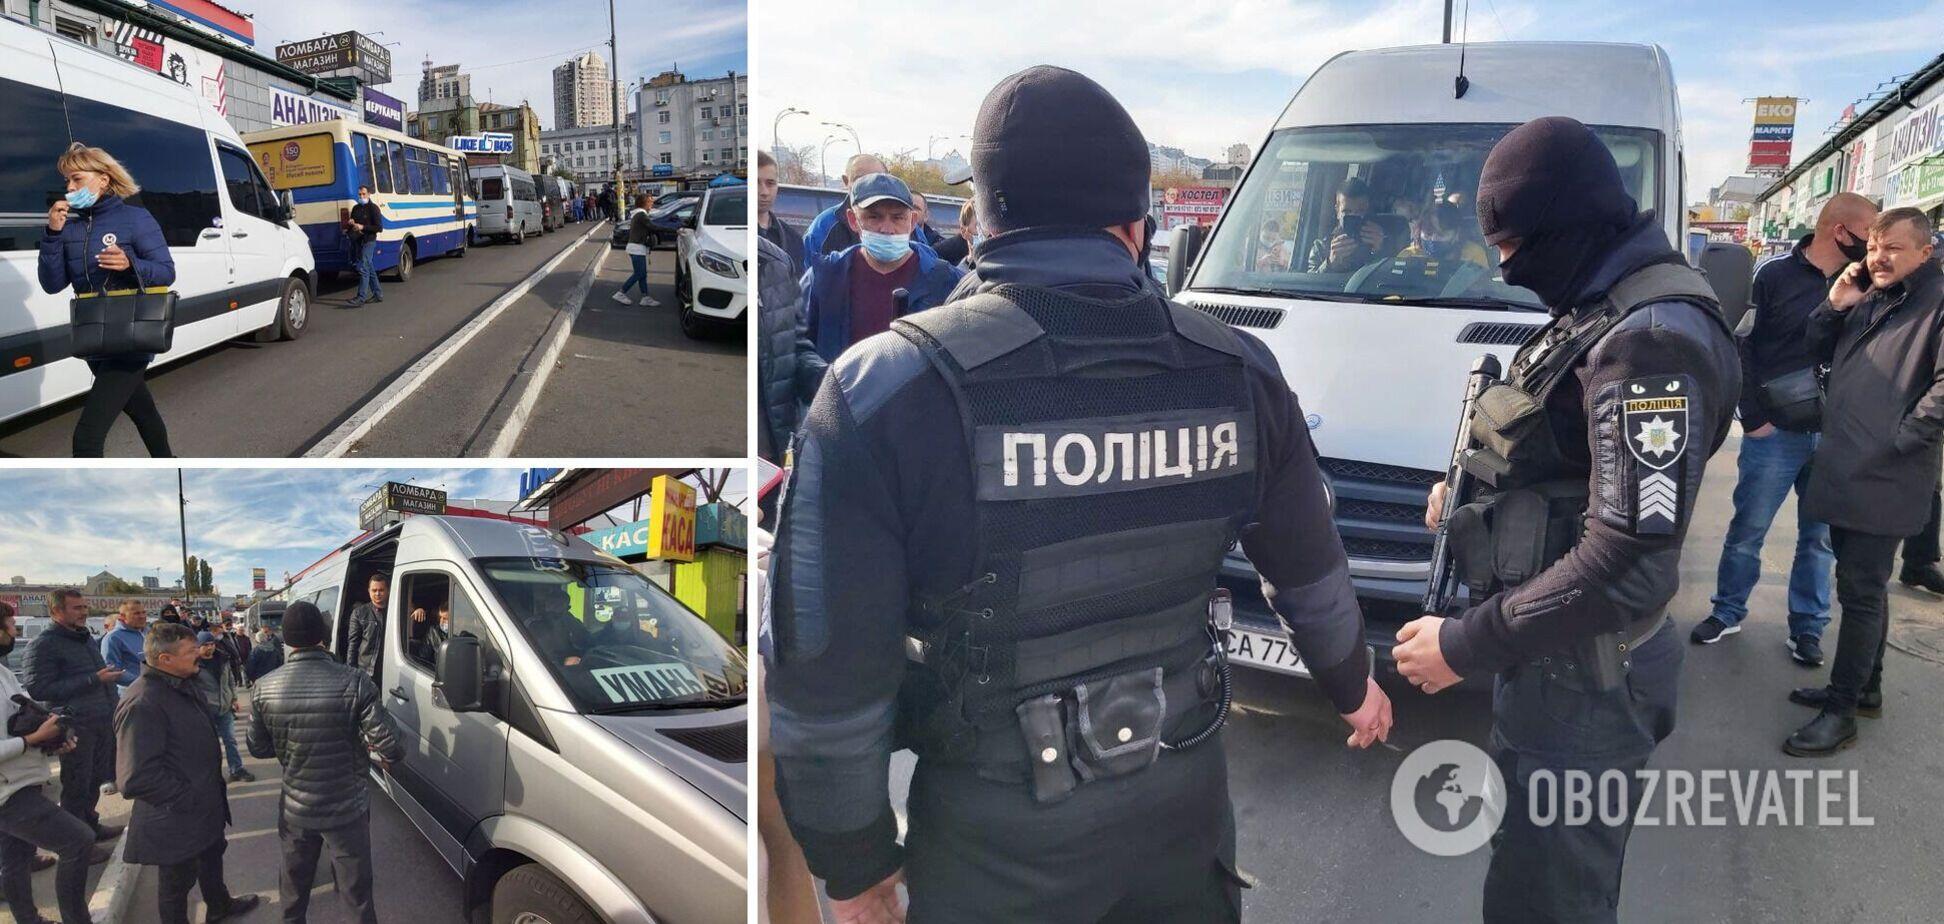 Полицейские заблокировали выезд с территории автовокзала